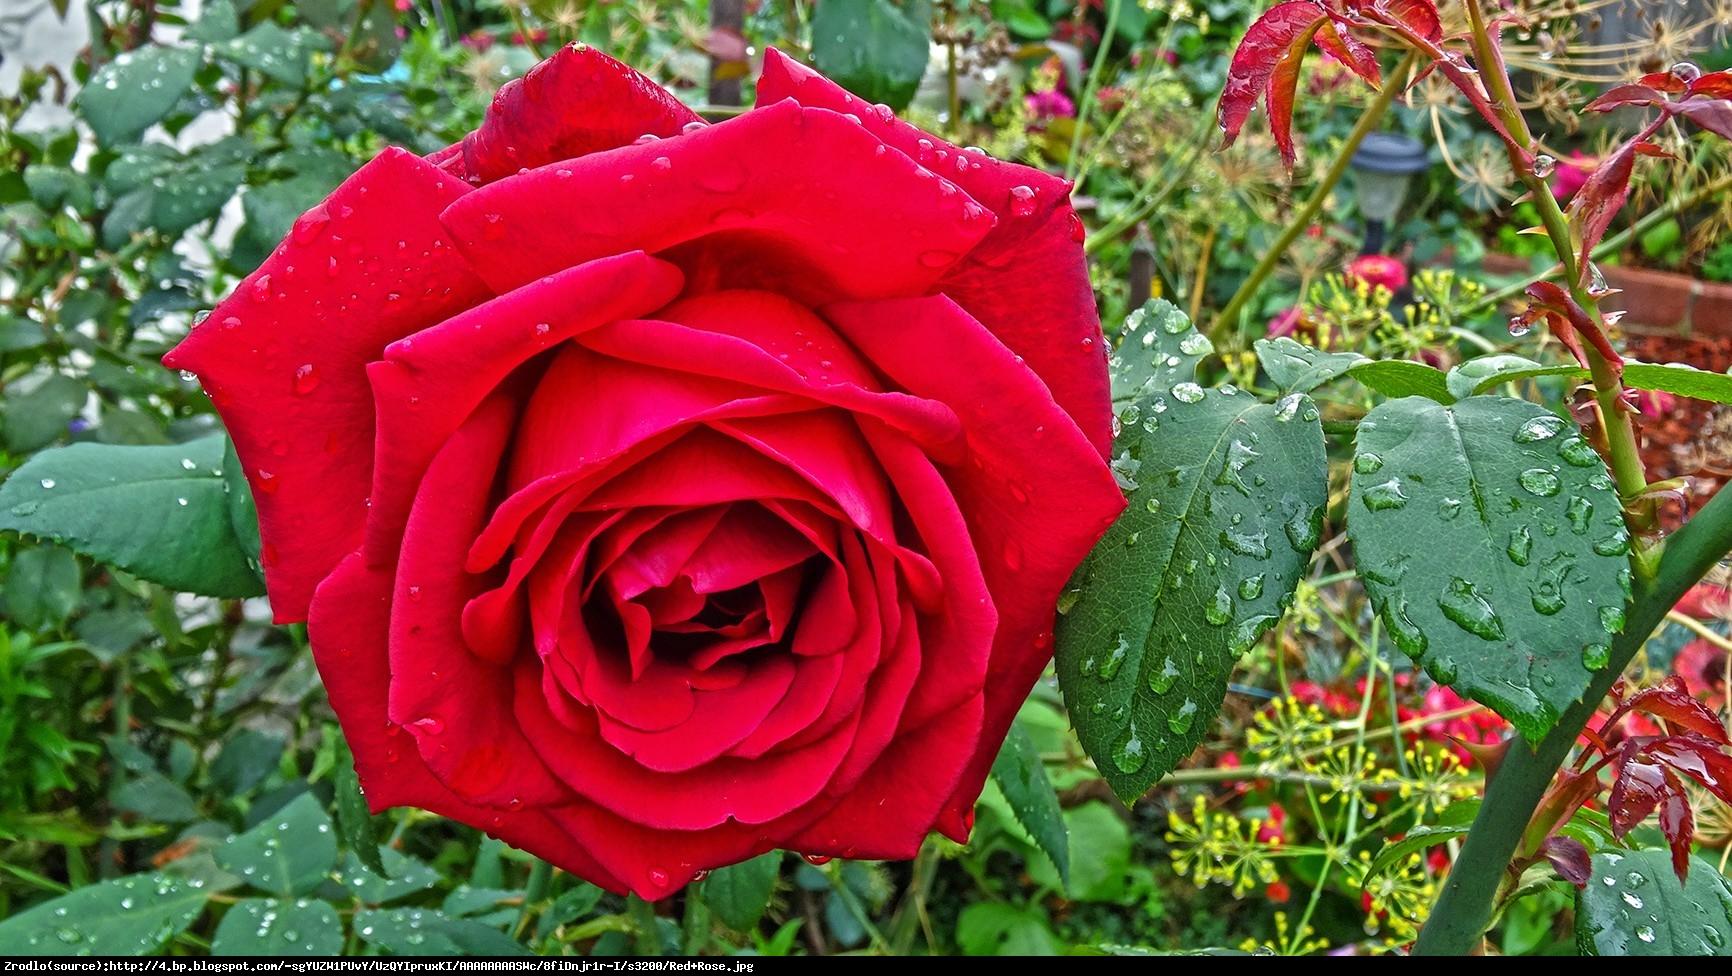 Róża BURGUND Korgund - Rosa BURGUND Korgund